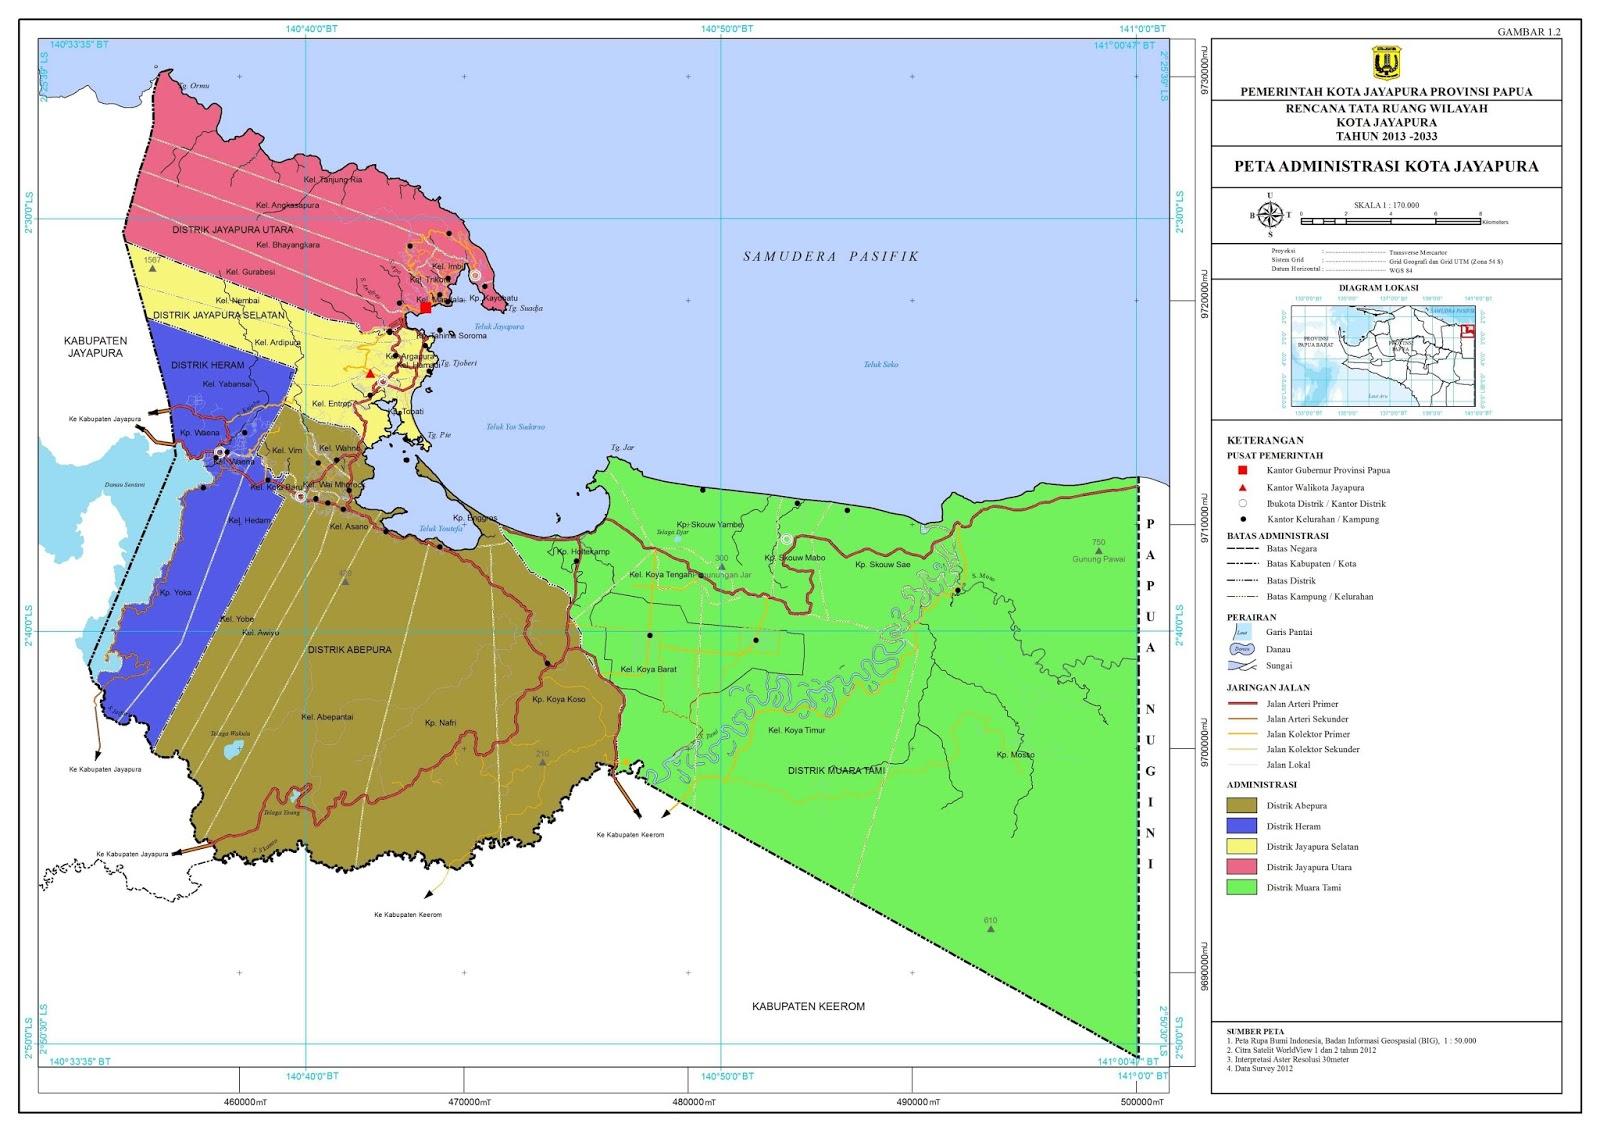 2017 Profil Kota Jayapura Resmi Ditetapkan Sebagai Wilayah Administratif Tanggal